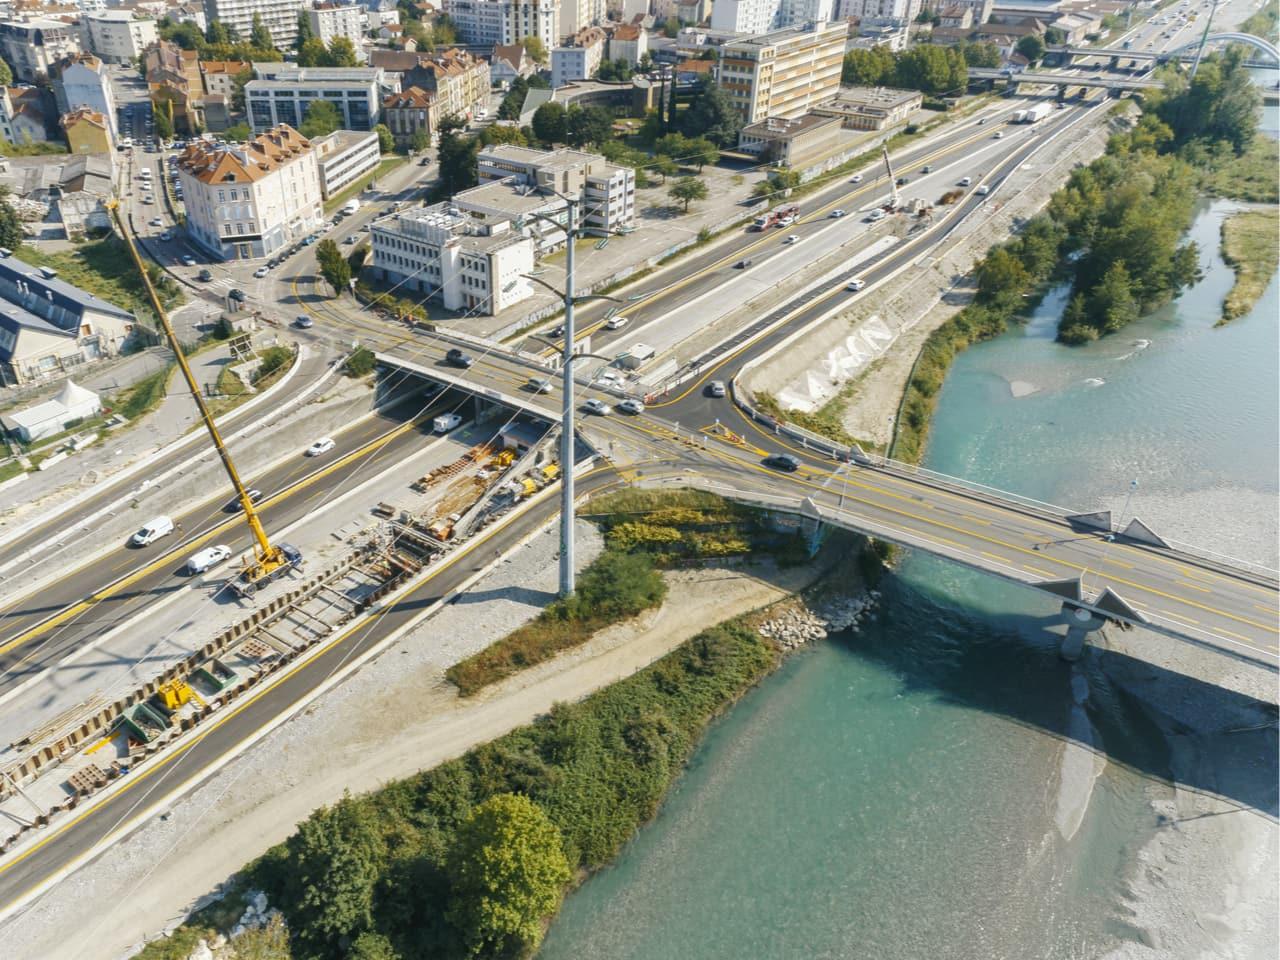 vue aérienne du pont de Vercors et de la bretelle d'entrée sur l'autoroute A480 dans la ville de Grenoble